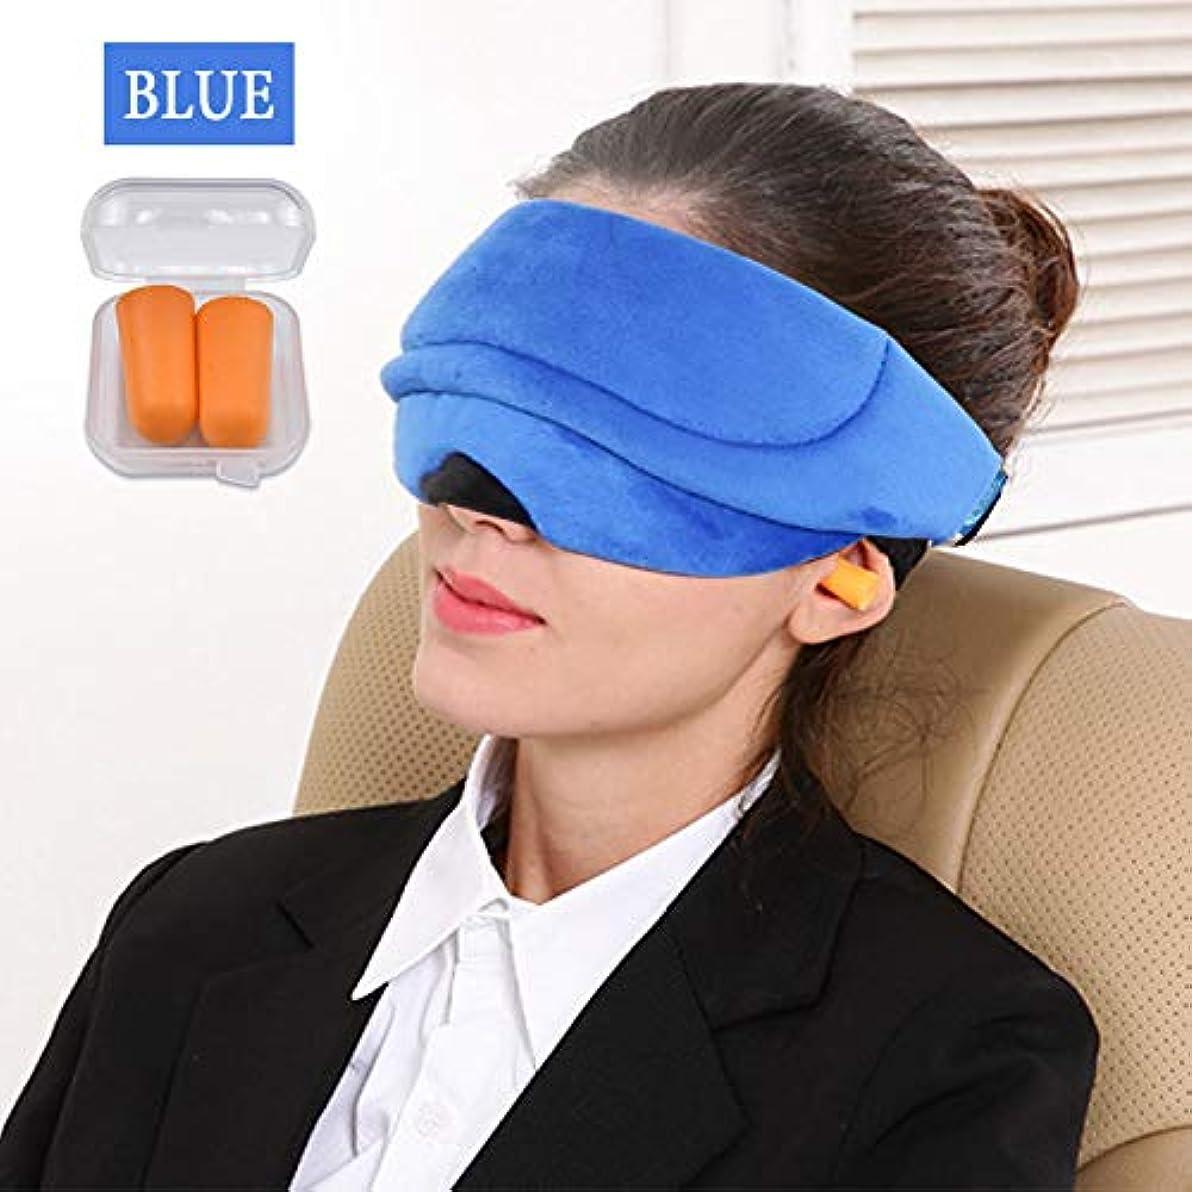 現代トレイオートマトンNOTE 3dソフト通気性睡眠アイマスクナチュラル睡眠カバー目隠し残り援助アイシェード女性男性旅行カバーシェードアイパッチ